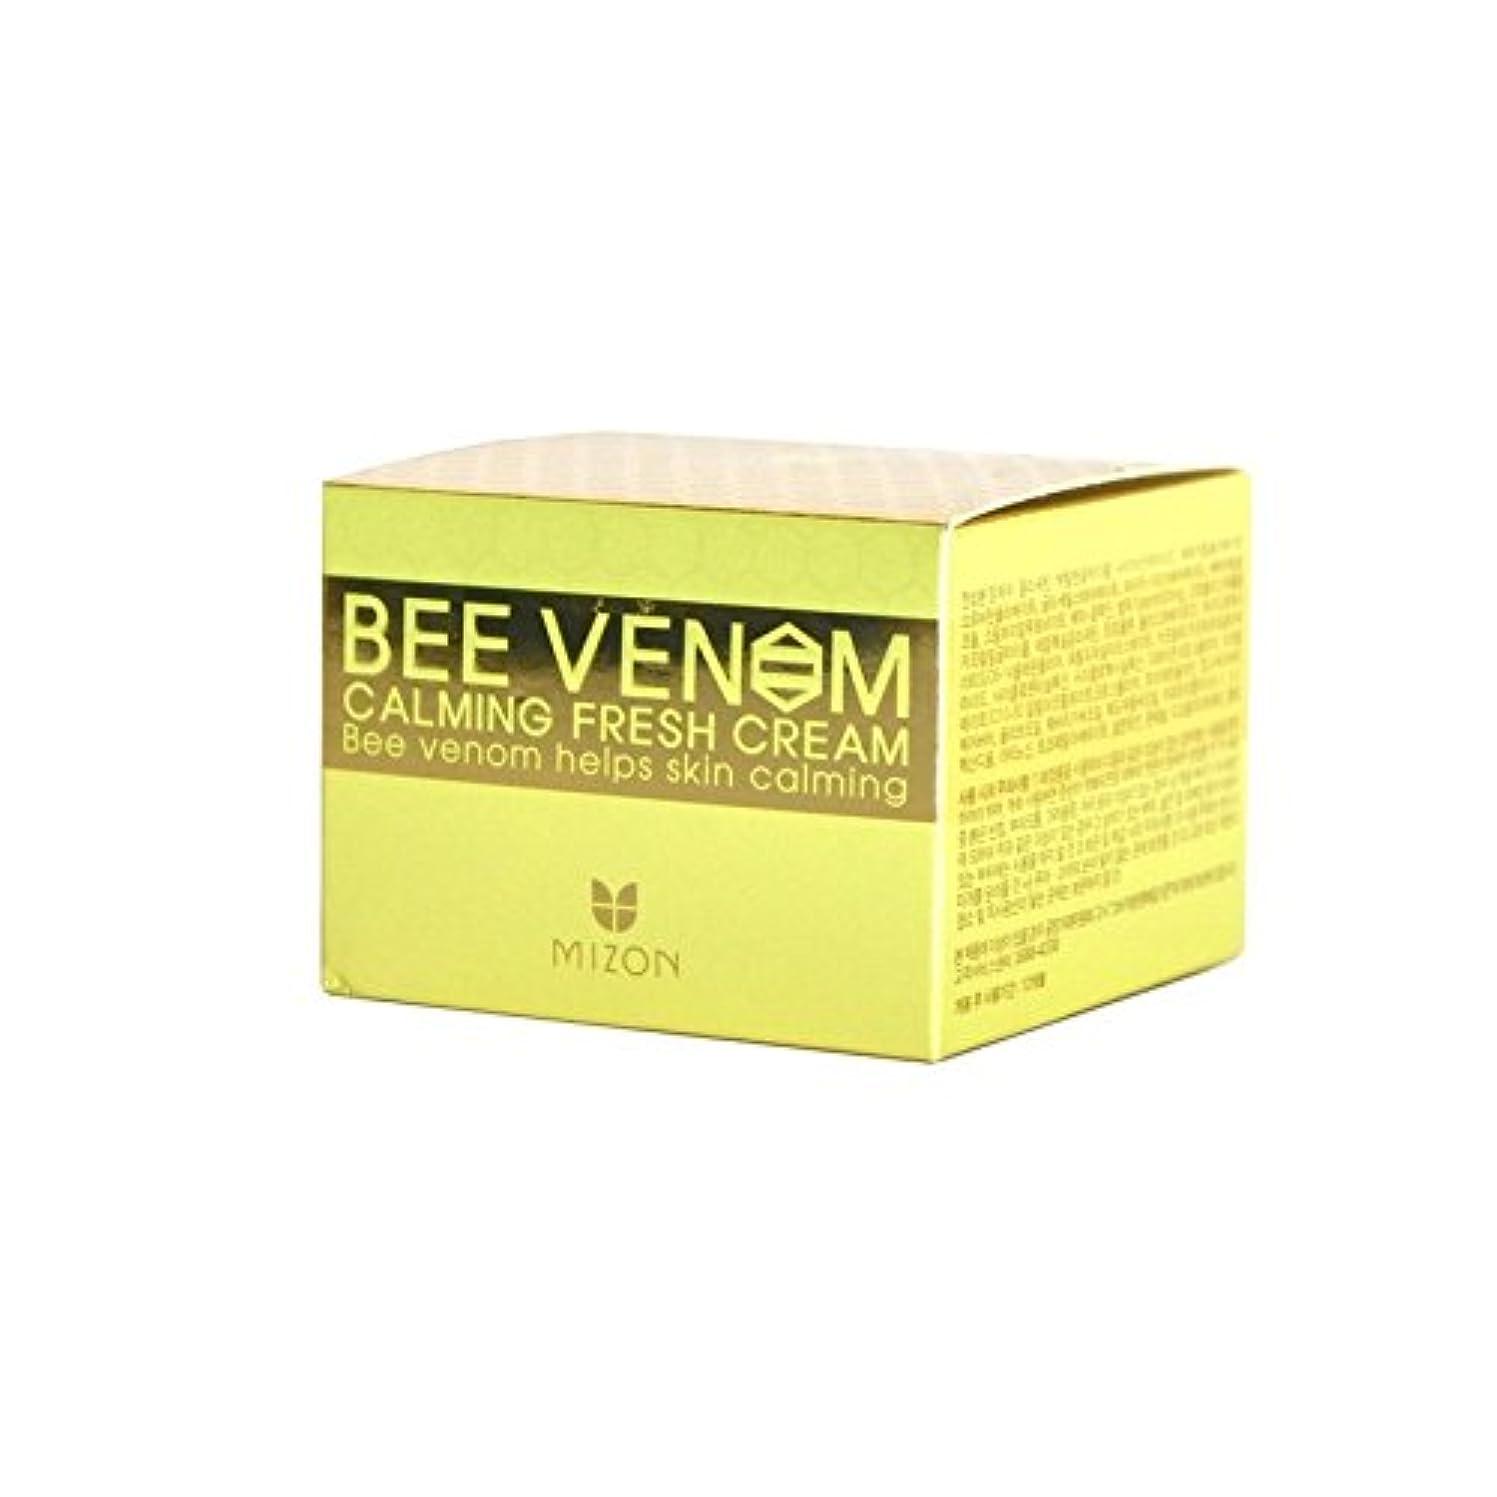 化合物誘惑環境保護主義者生クリームを落ち着かせるのハチ毒 x4 - Mizon Bee Venom Calming Fresh Cream (Pack of 4) [並行輸入品]